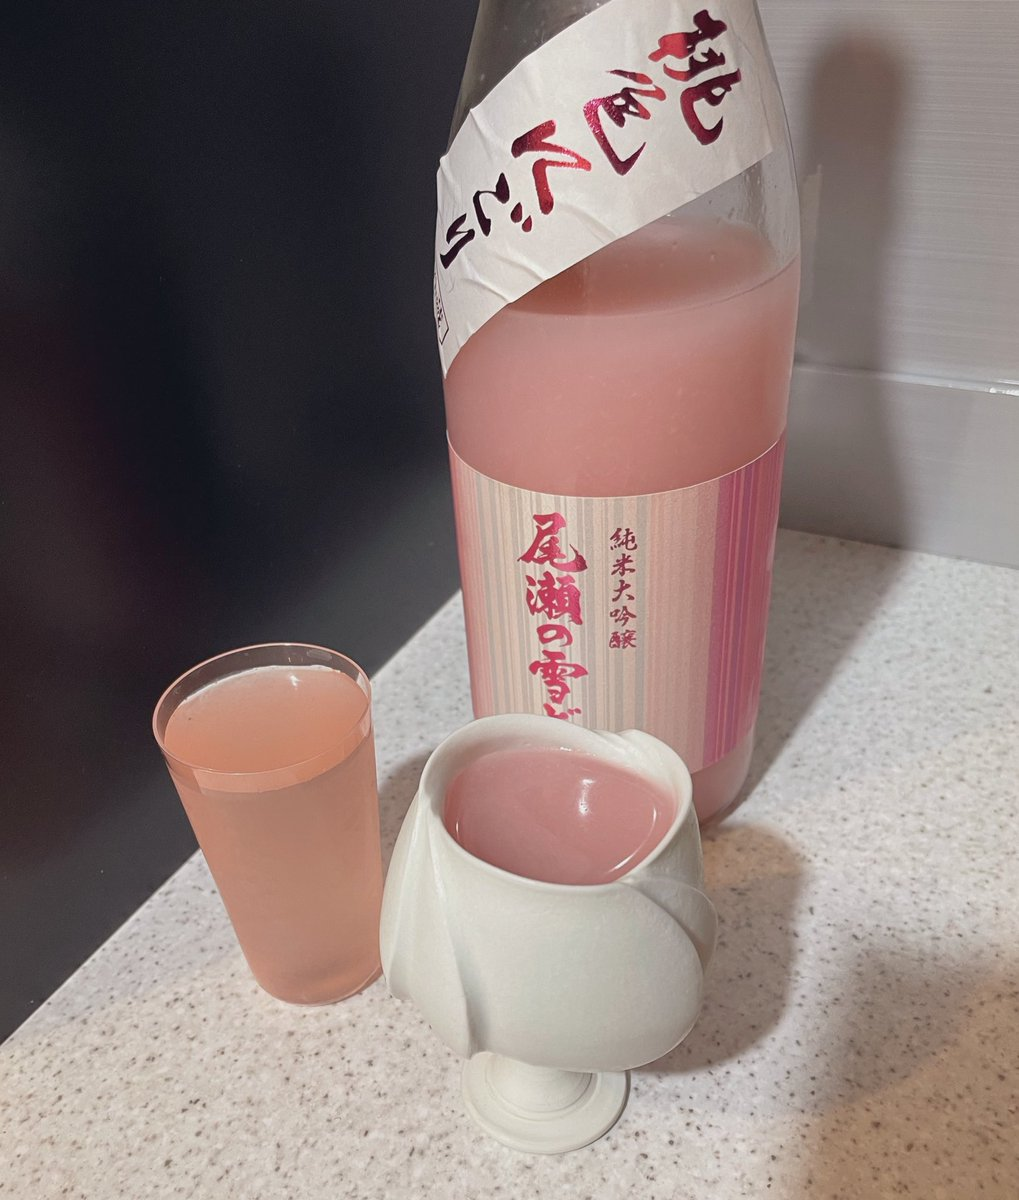 test ツイッターメディア - 尾瀬の雪どけ 桃色にごり  ピンク!かわいい! 甘酸っぱくてやっぱこれ美味しい😳 https://t.co/tBUkSTDOW6